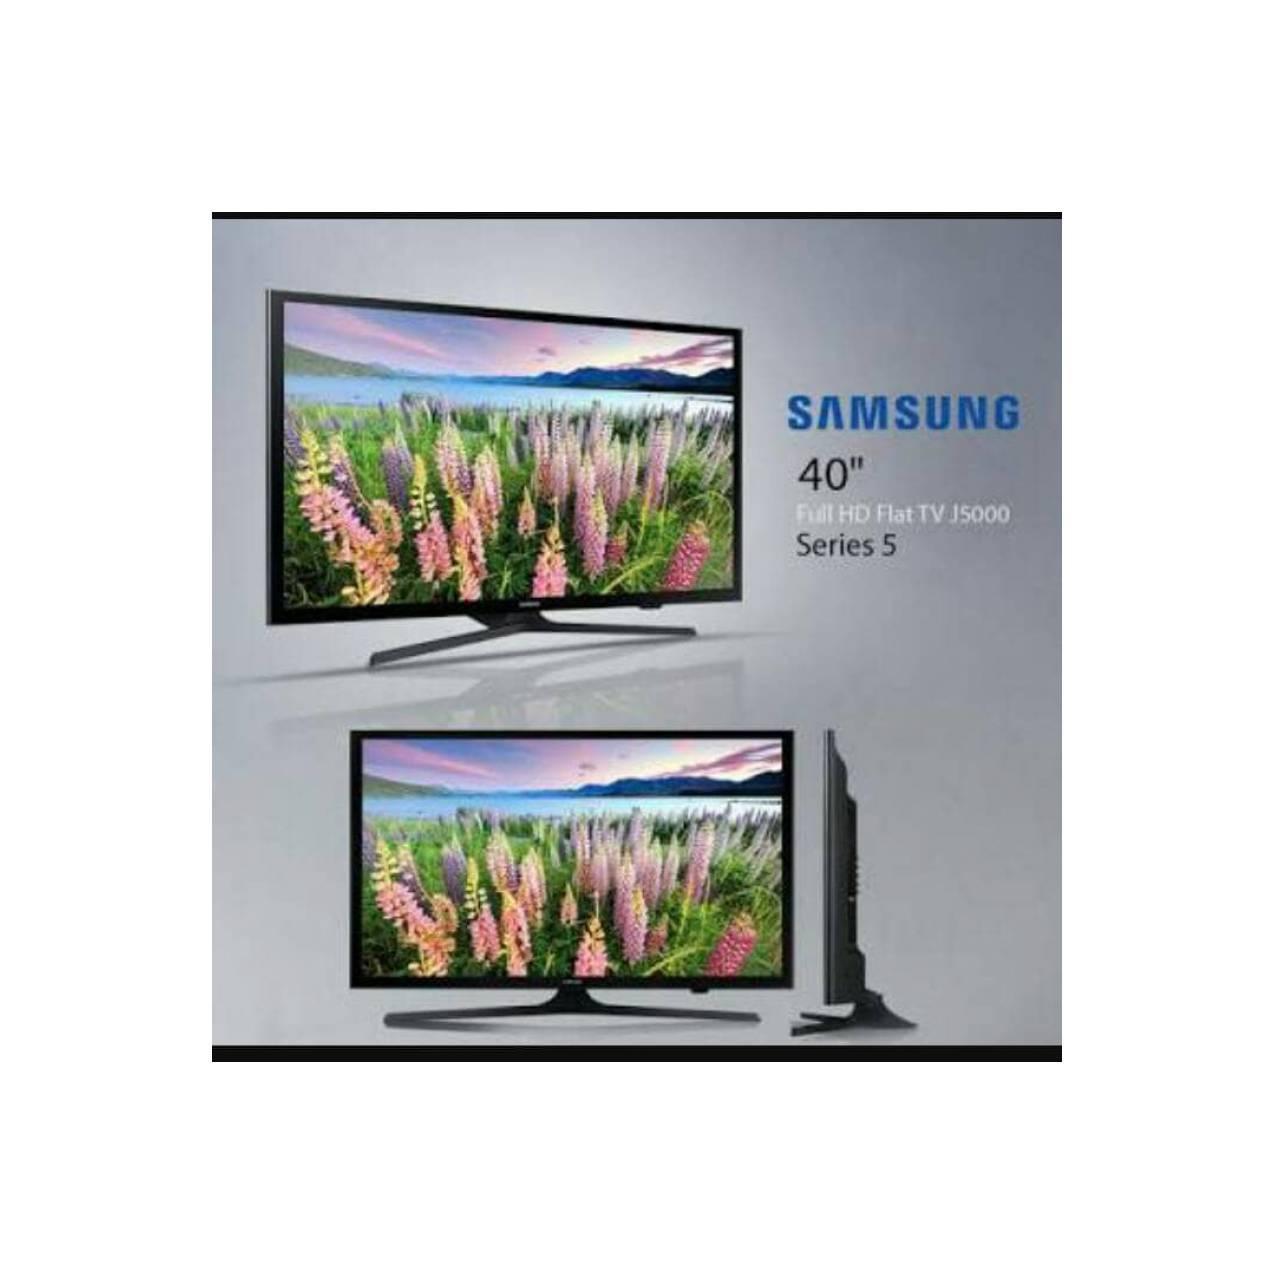 LED TV SAMSUNG 40 J5000 MURAH